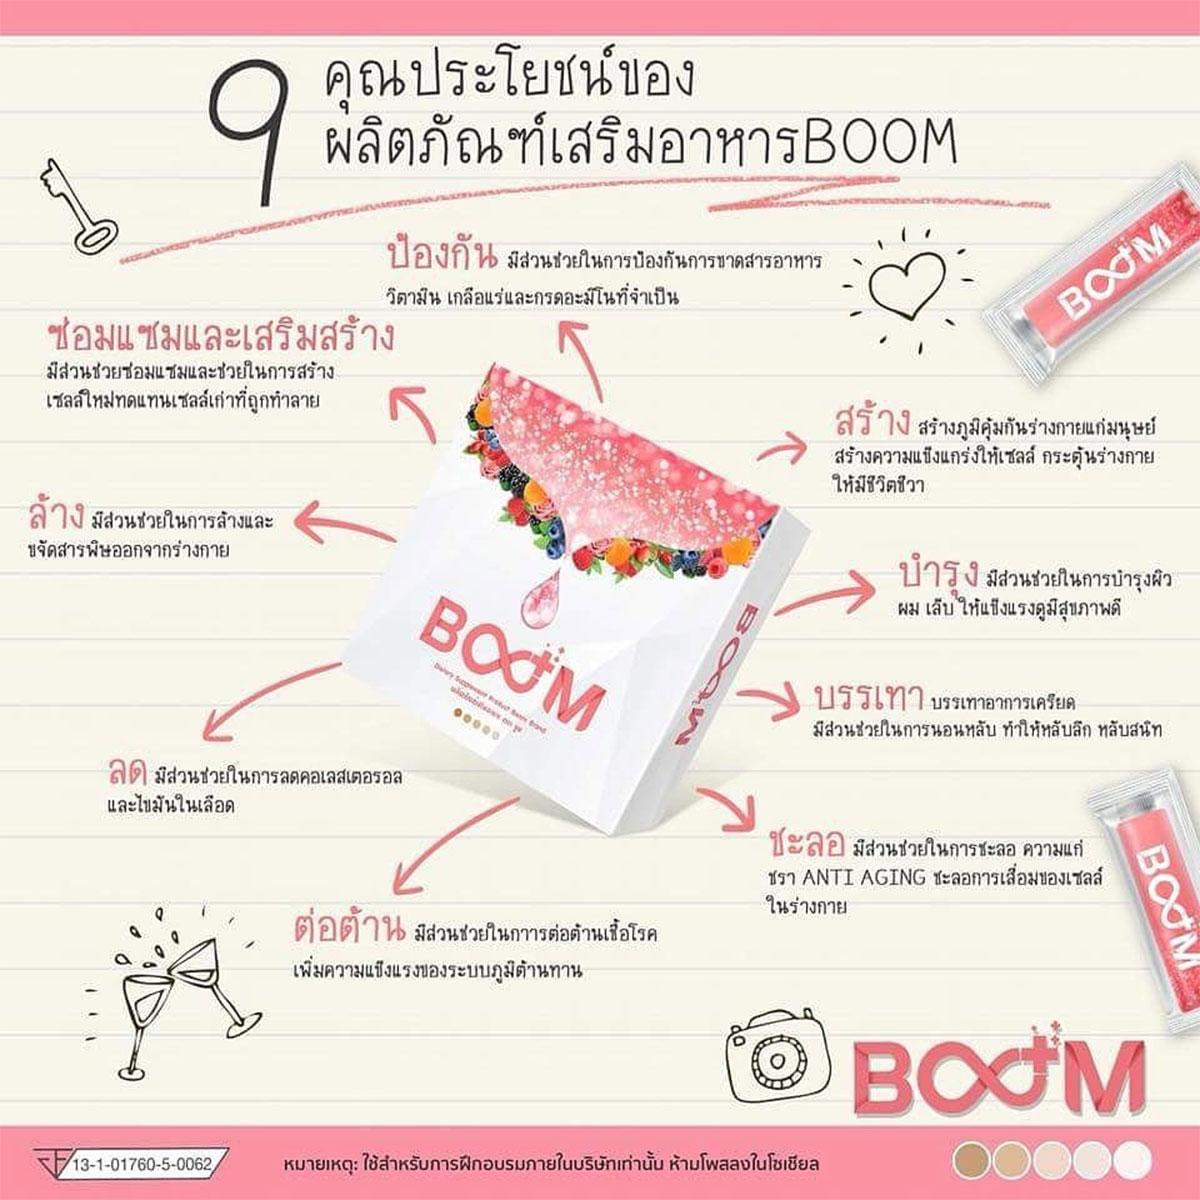 อาหารเสริมบูม-ผลิตภัณฑ์-boom-03